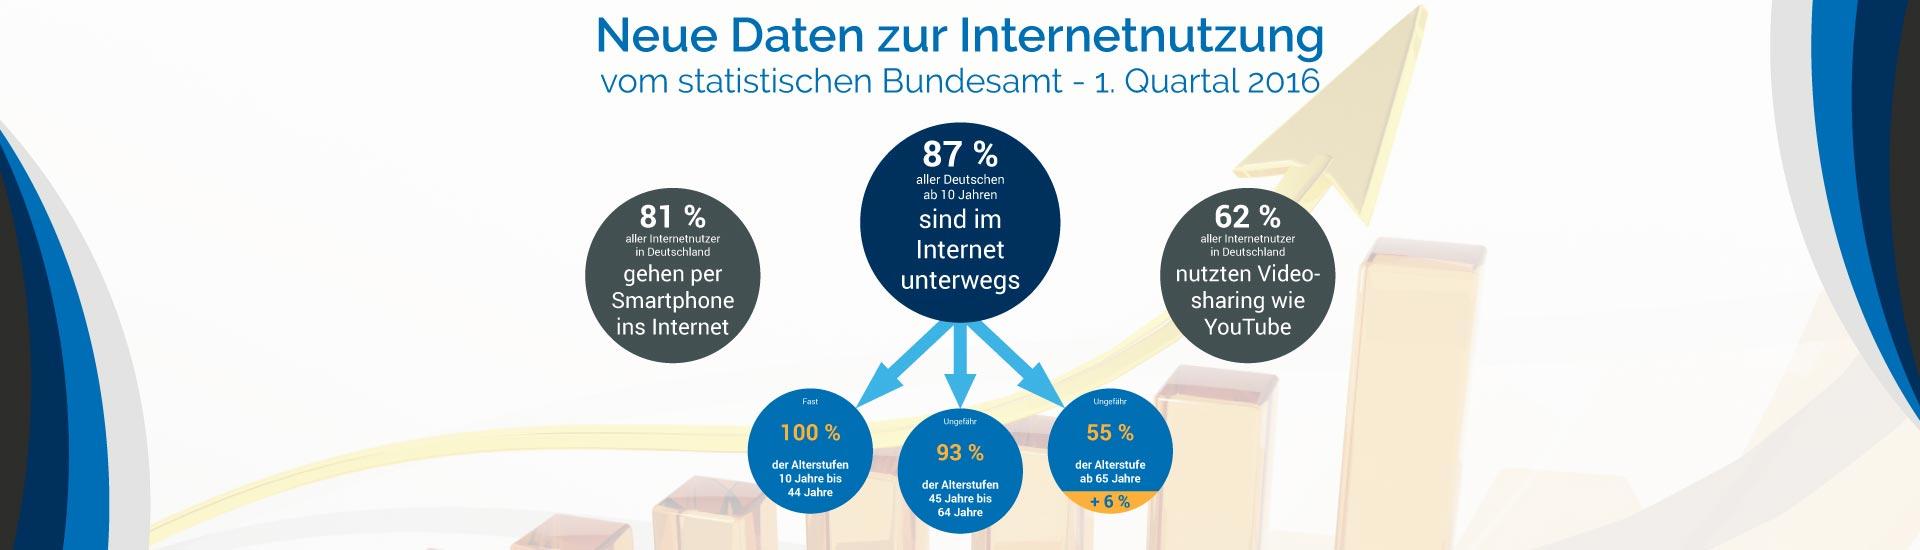 Internetnutzung neue Daten Q1 2016 - Beitragsbild Banner